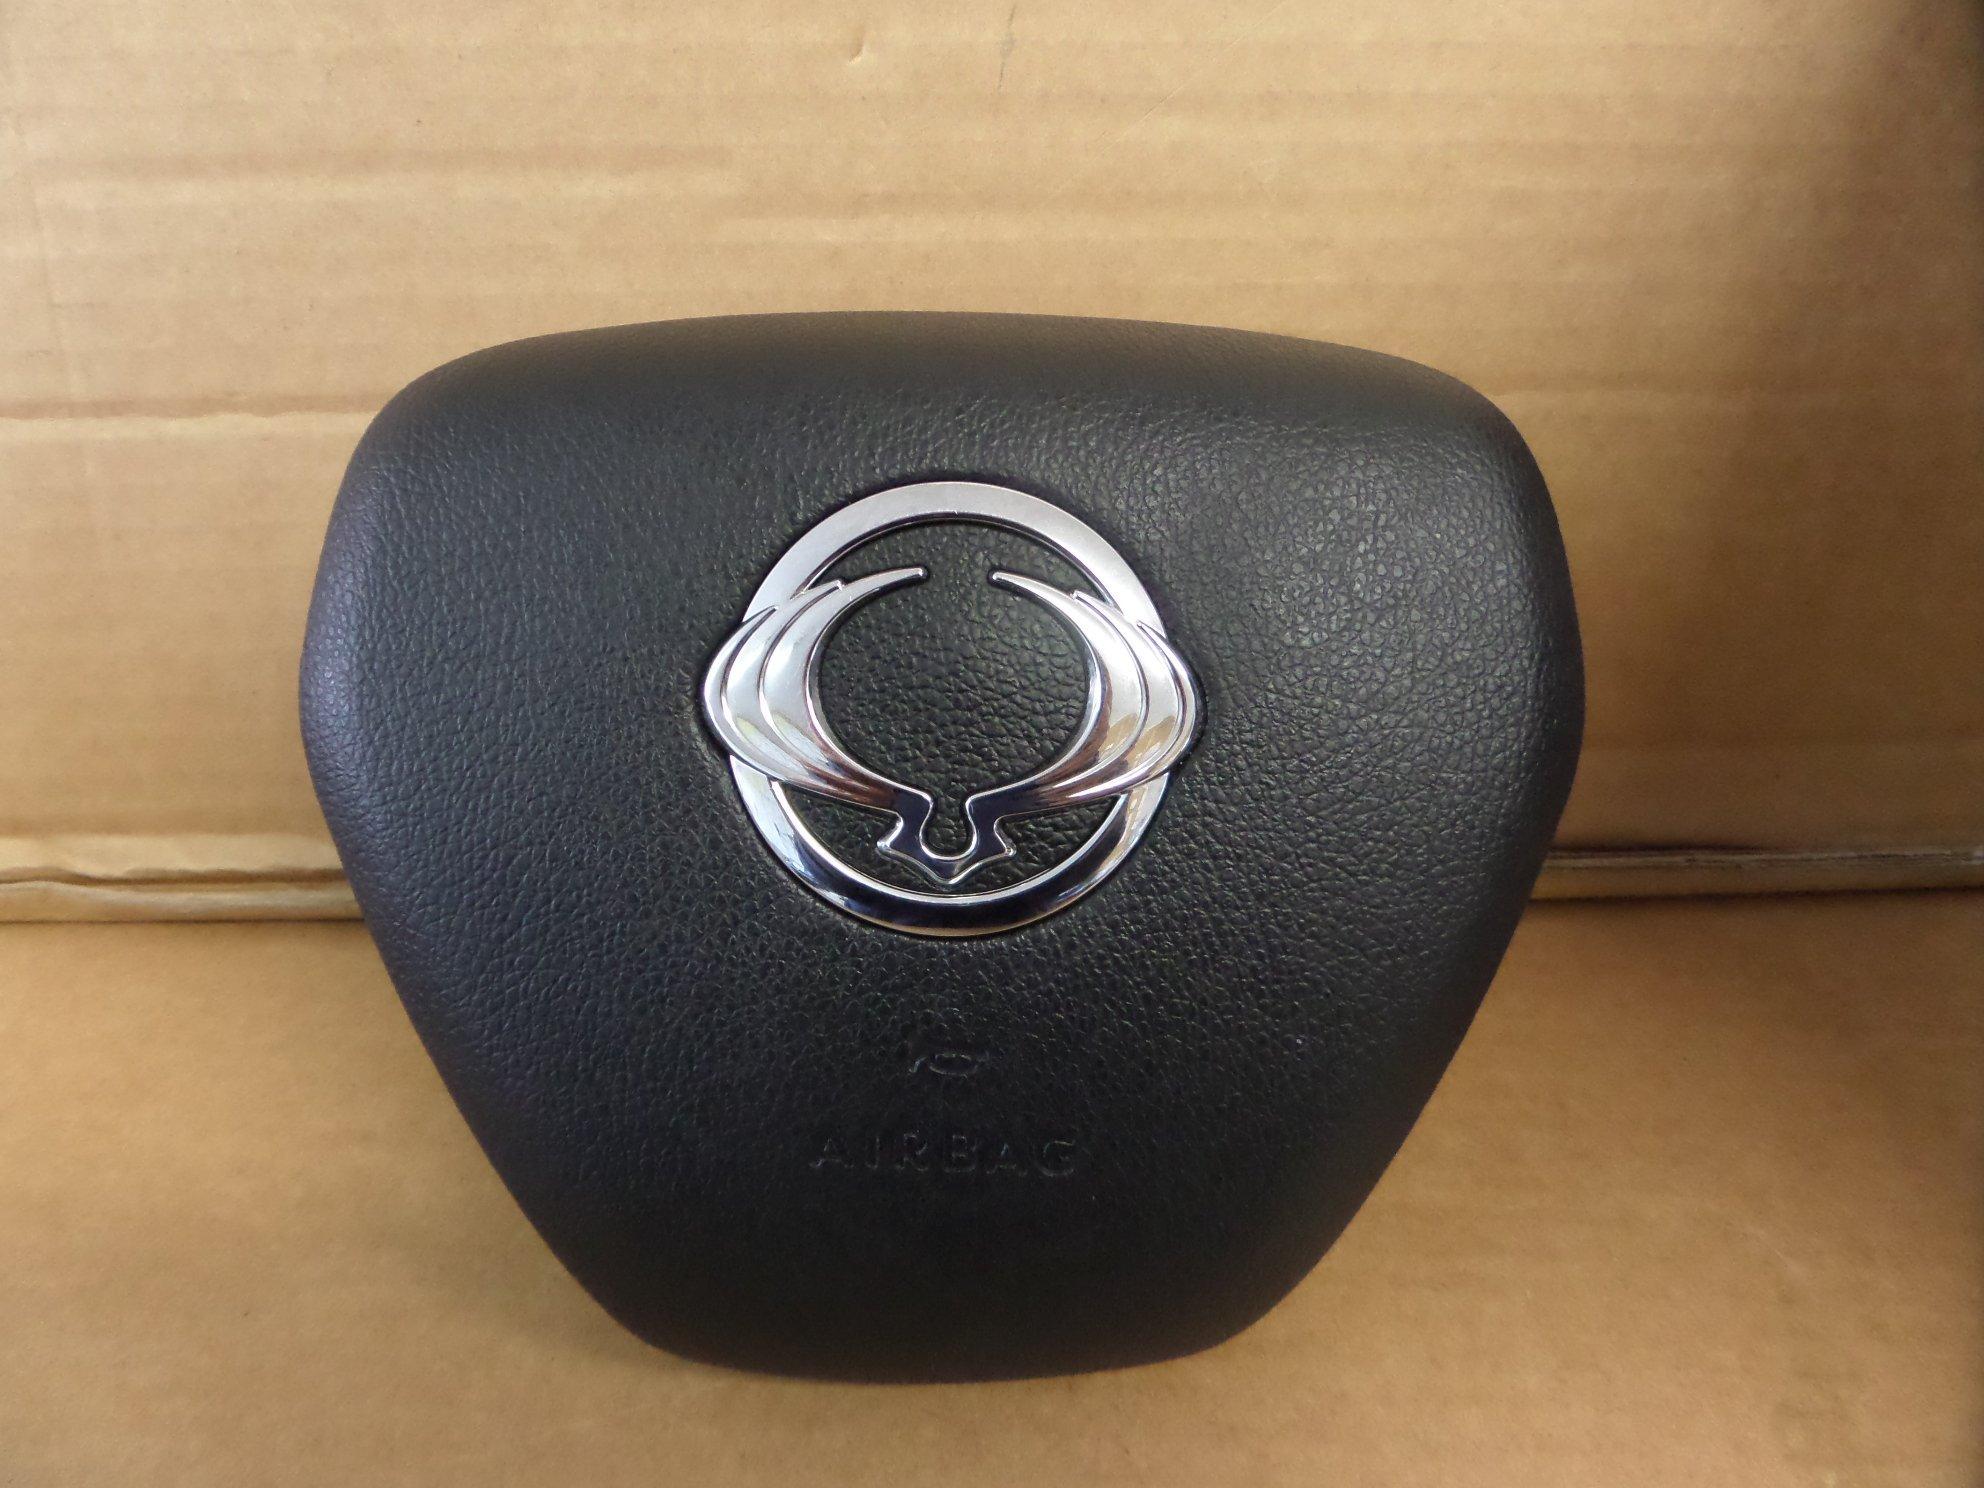 Airbag Poduszka Ssangyong Tivoli Naprawa 7365075084